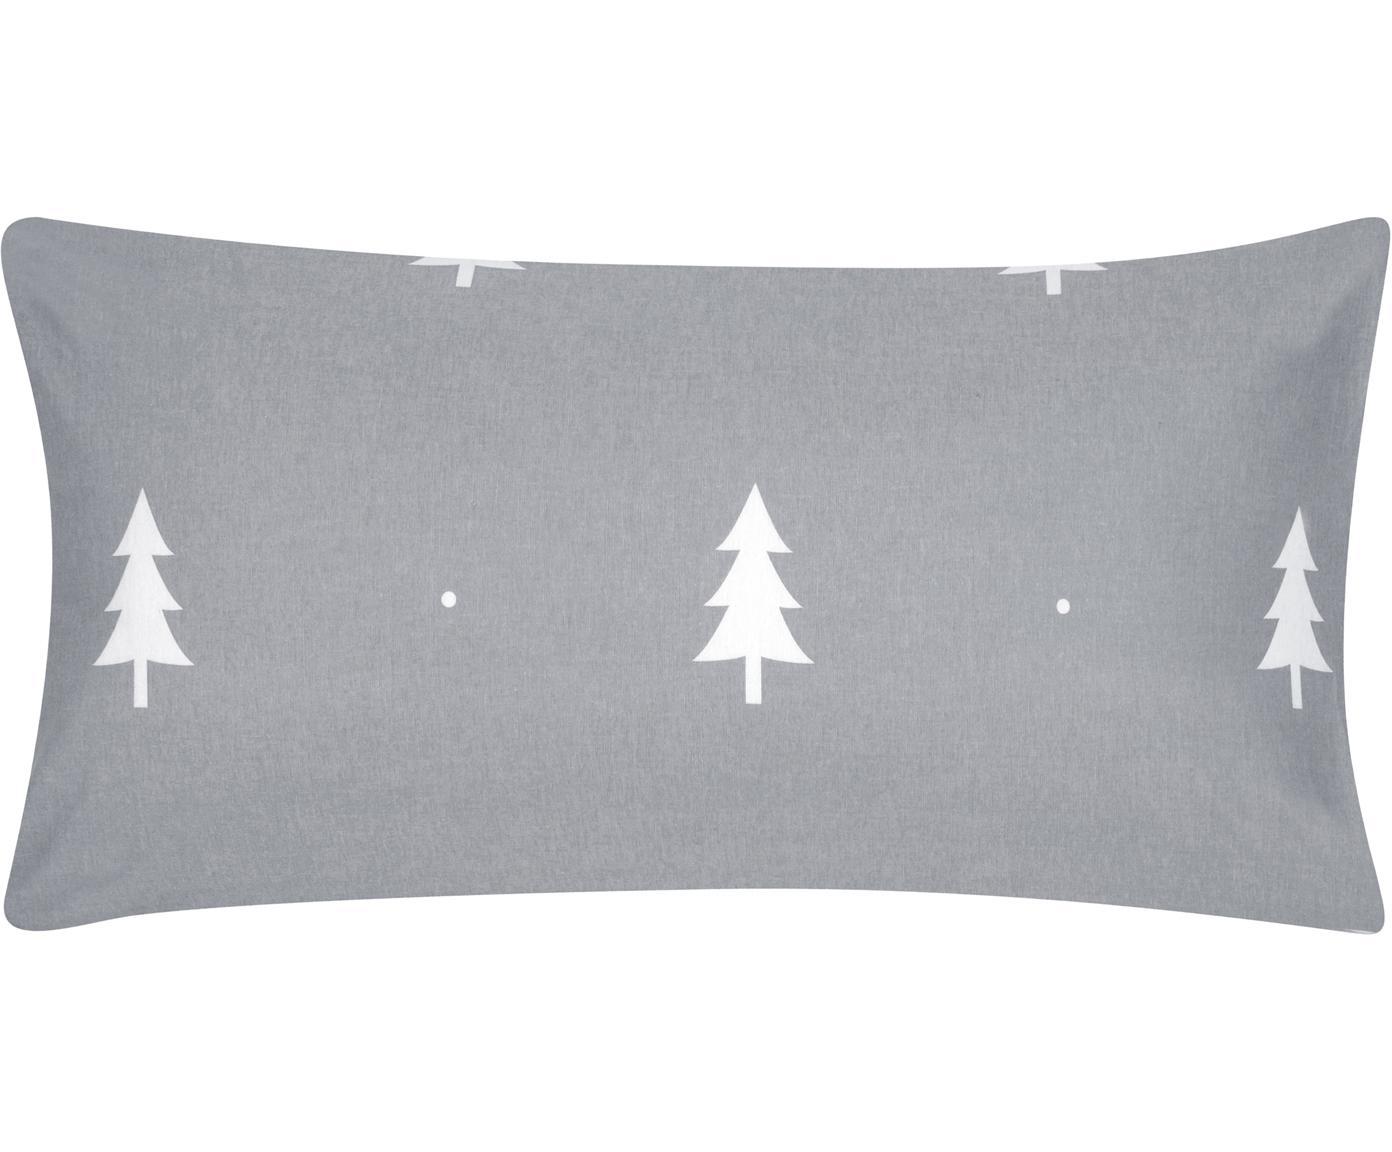 Poszewka na poduszkę z flaneli Nordic, 2 szt., Ciemny szary, kremowobiały, S 40 x D 80 cm